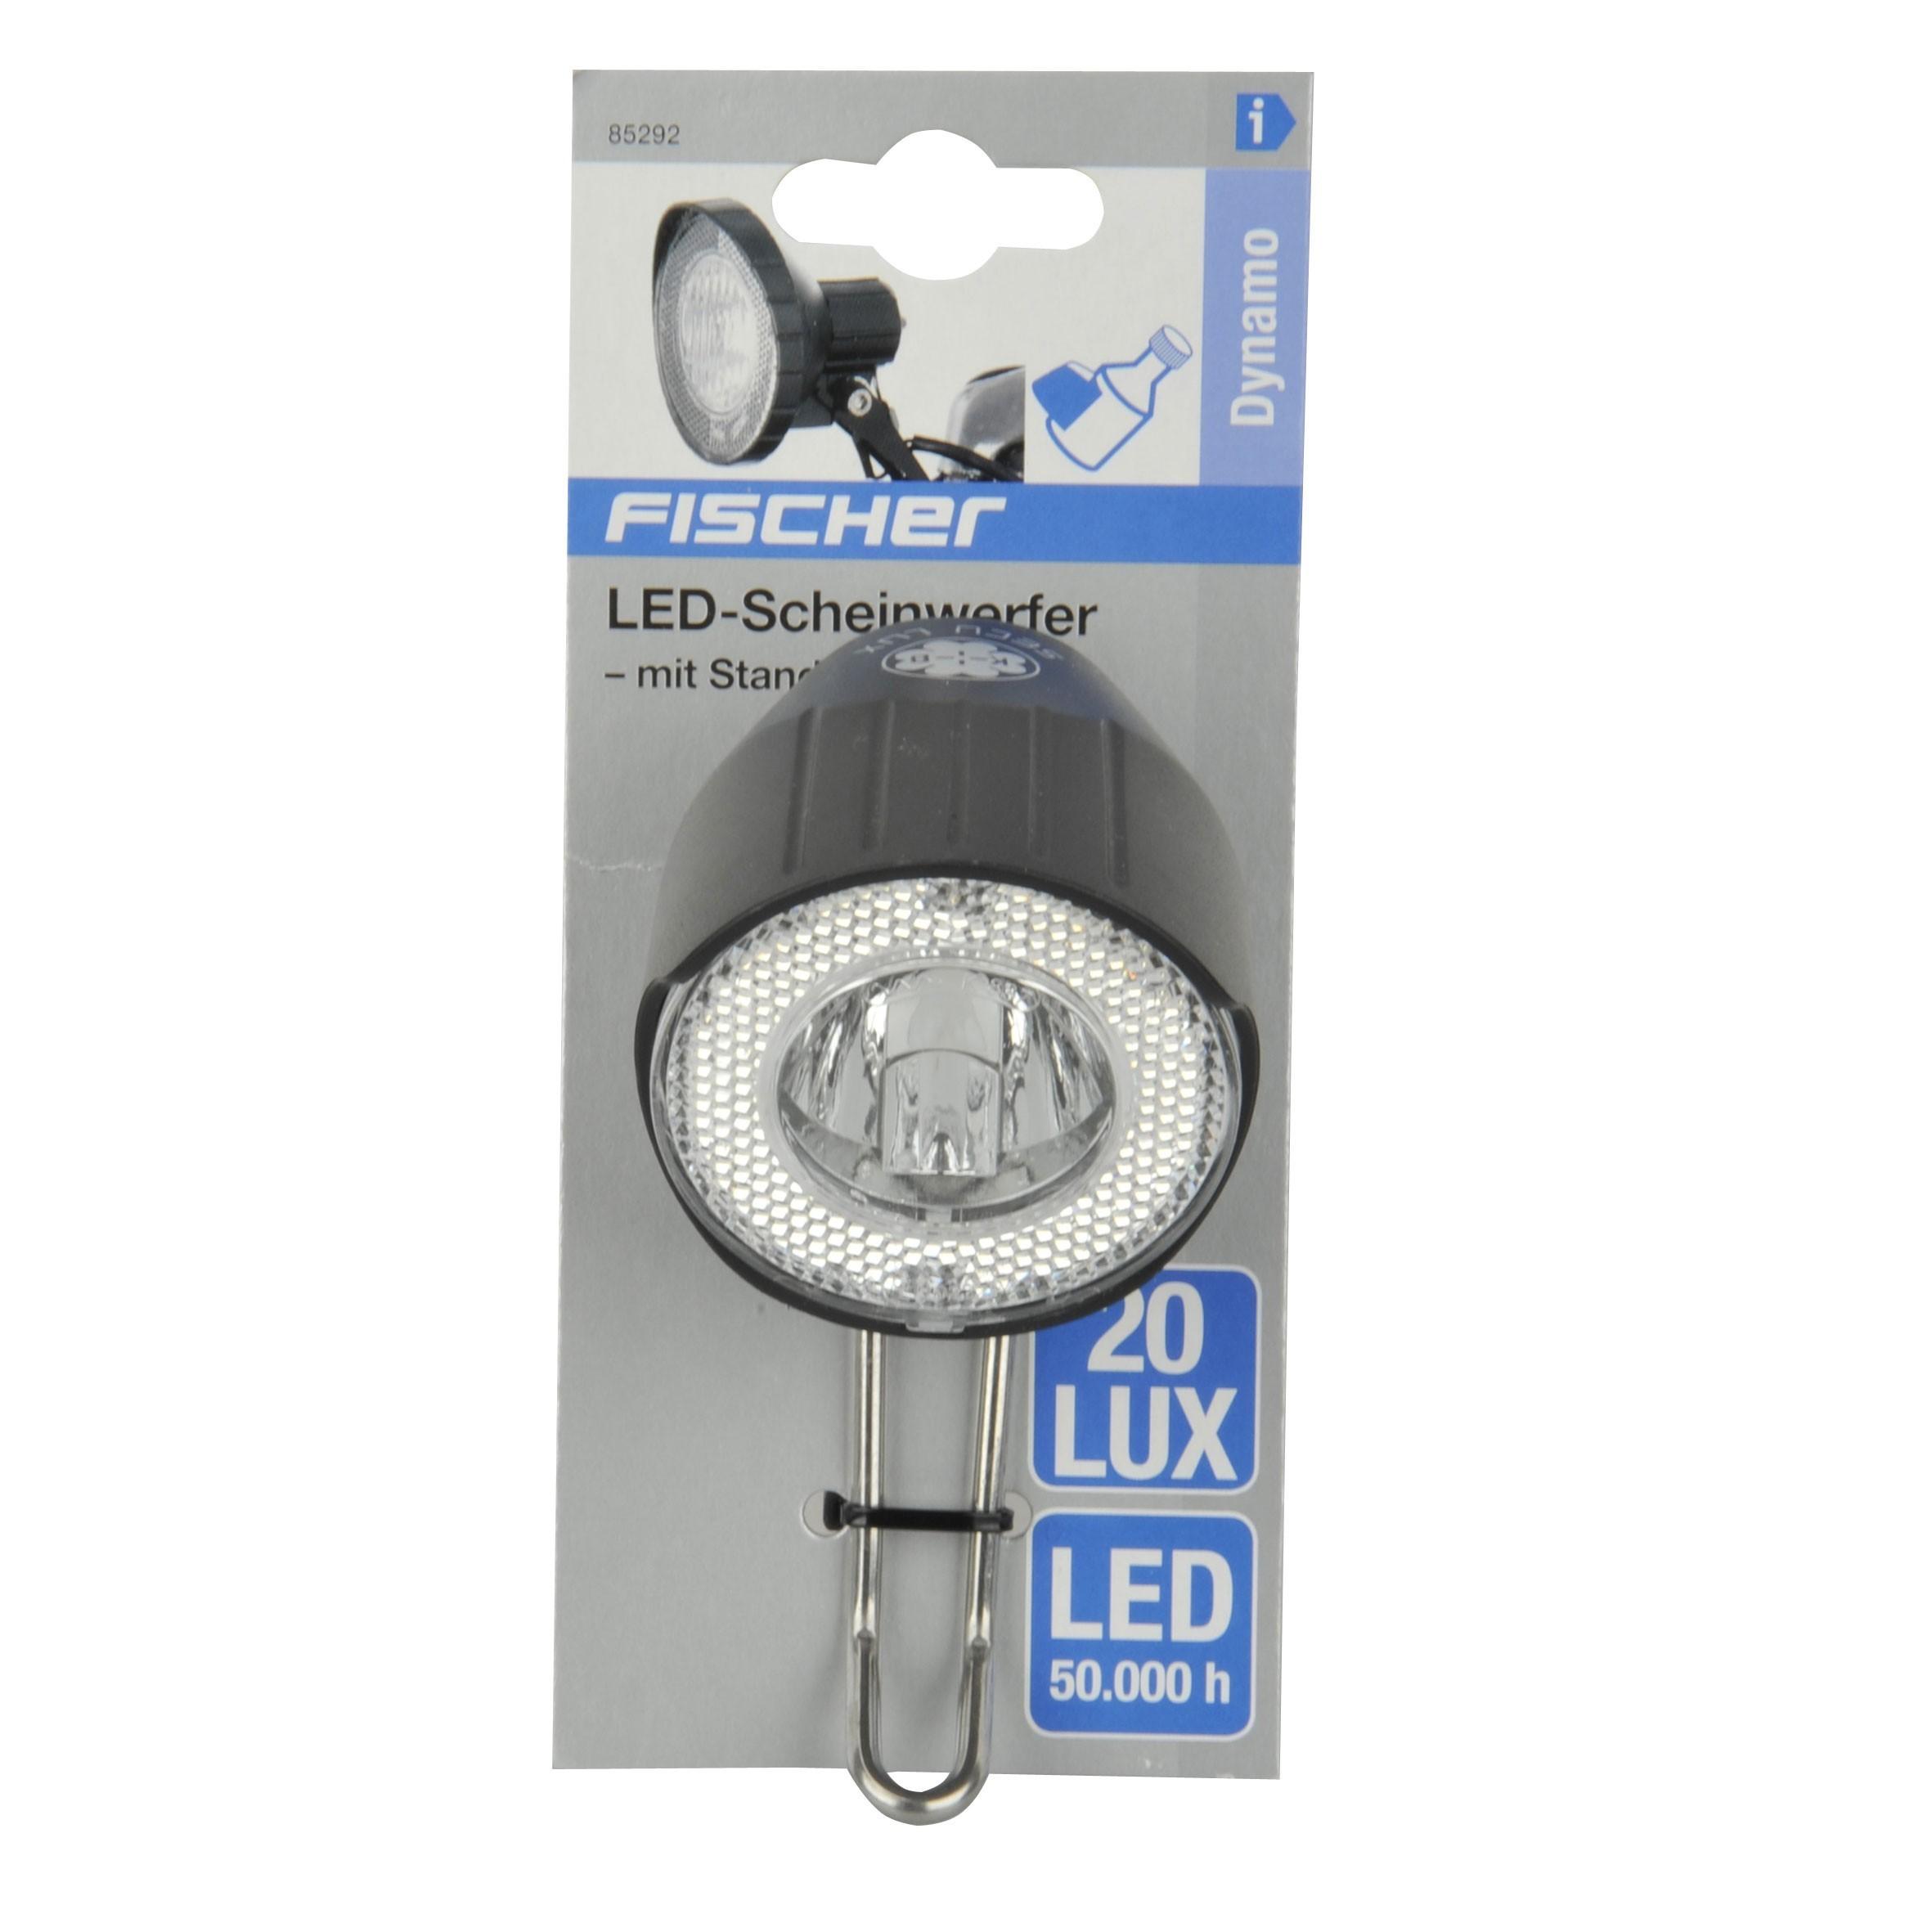 Fischer Fahrradbeleuchtung Dynamo / LED-Scheinwerfer +Standlicht 20Lux Bild 2